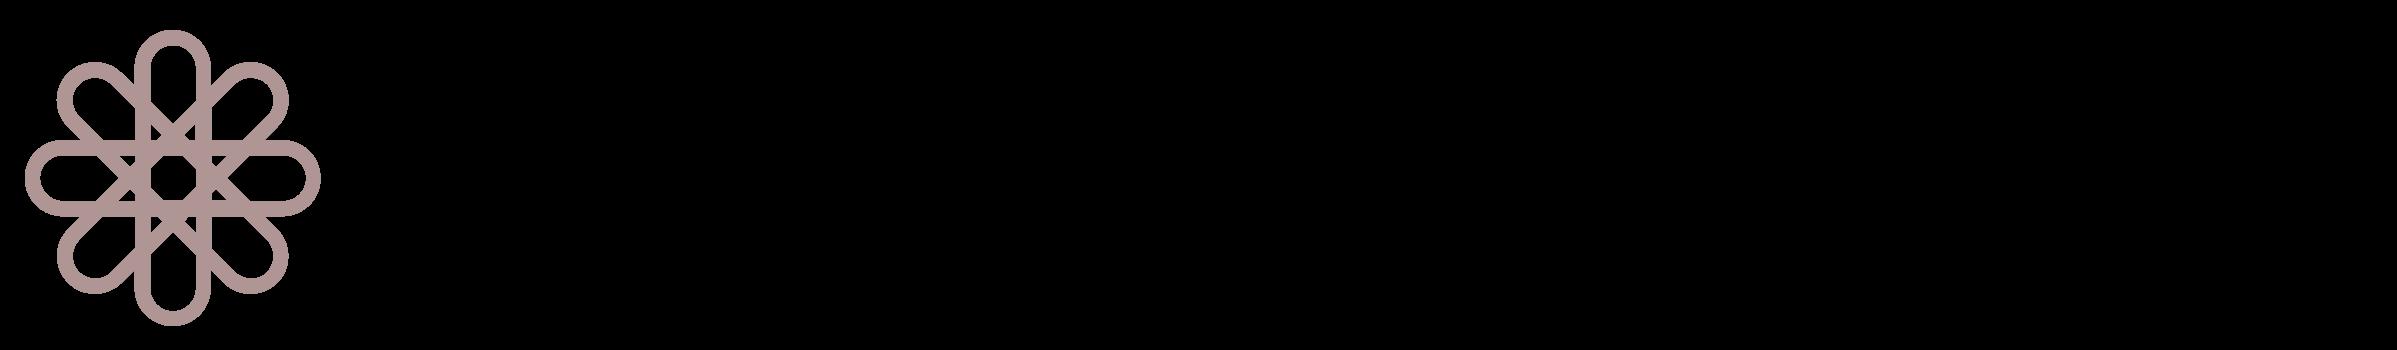 Aipcrquebec2010 – Đón đọc những tin tổng hợp hot nhất trong ngày